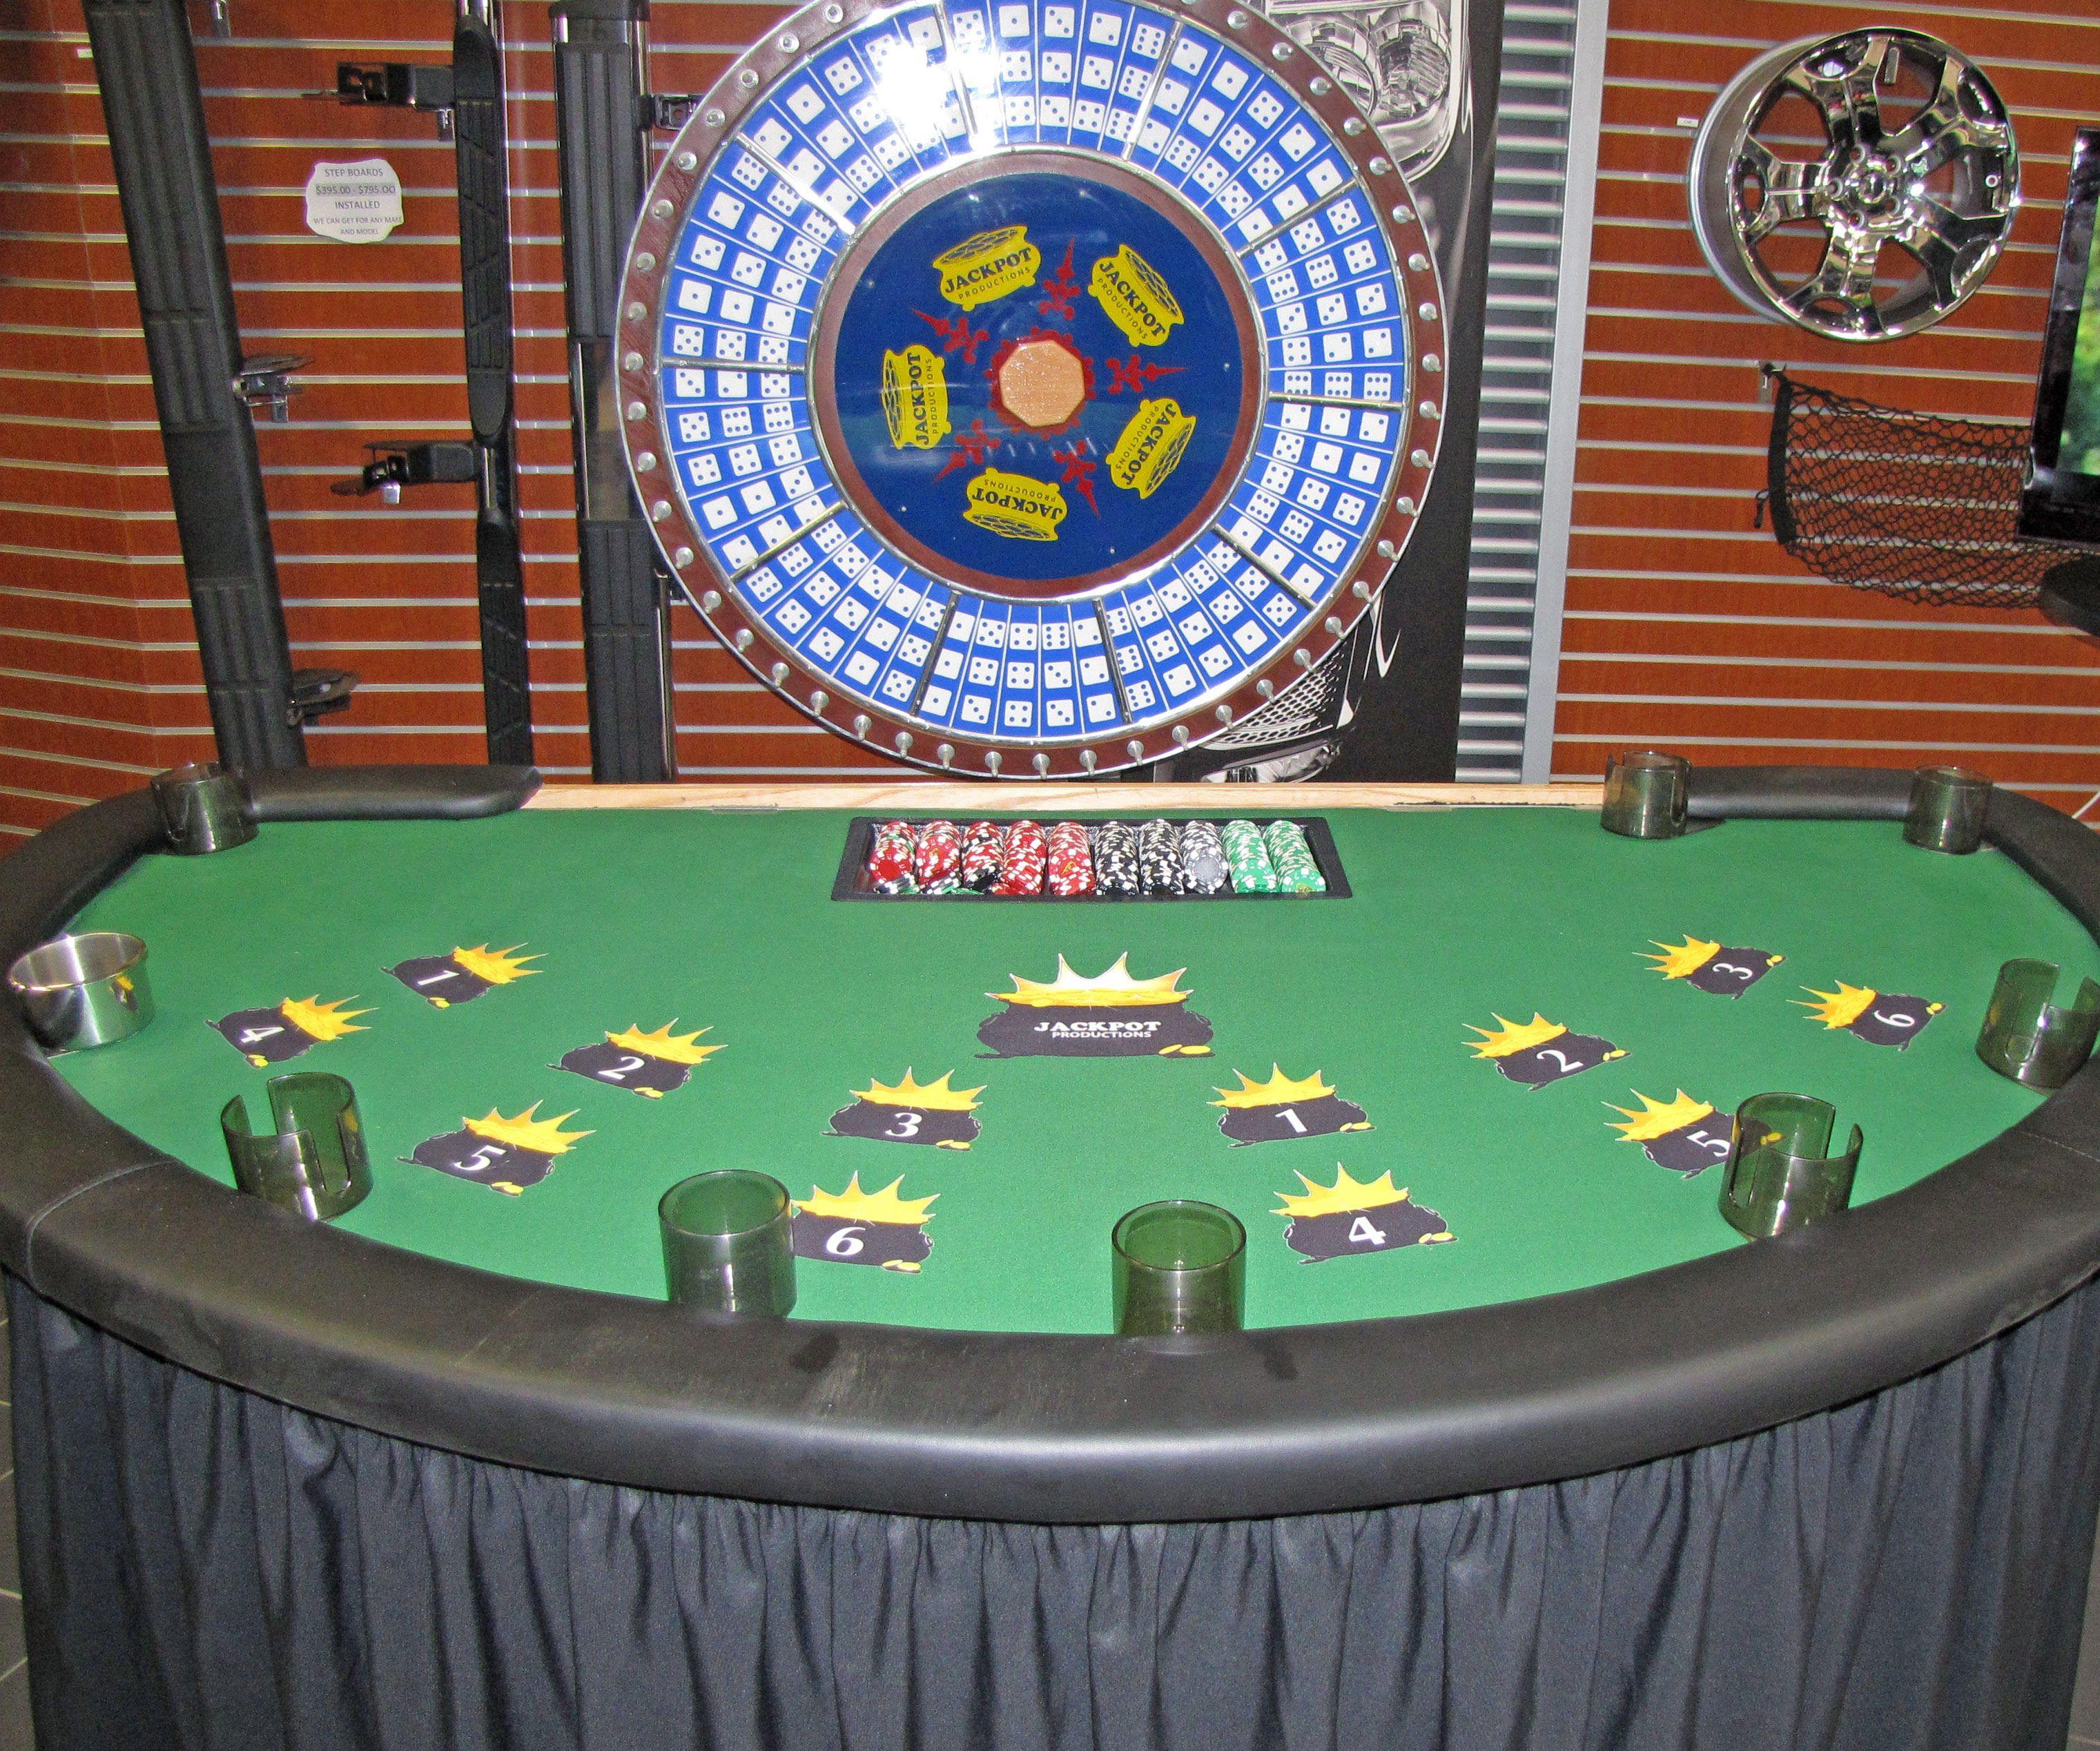 Big 6 Wheel Game used for Casino Night / Las Vegas Parties